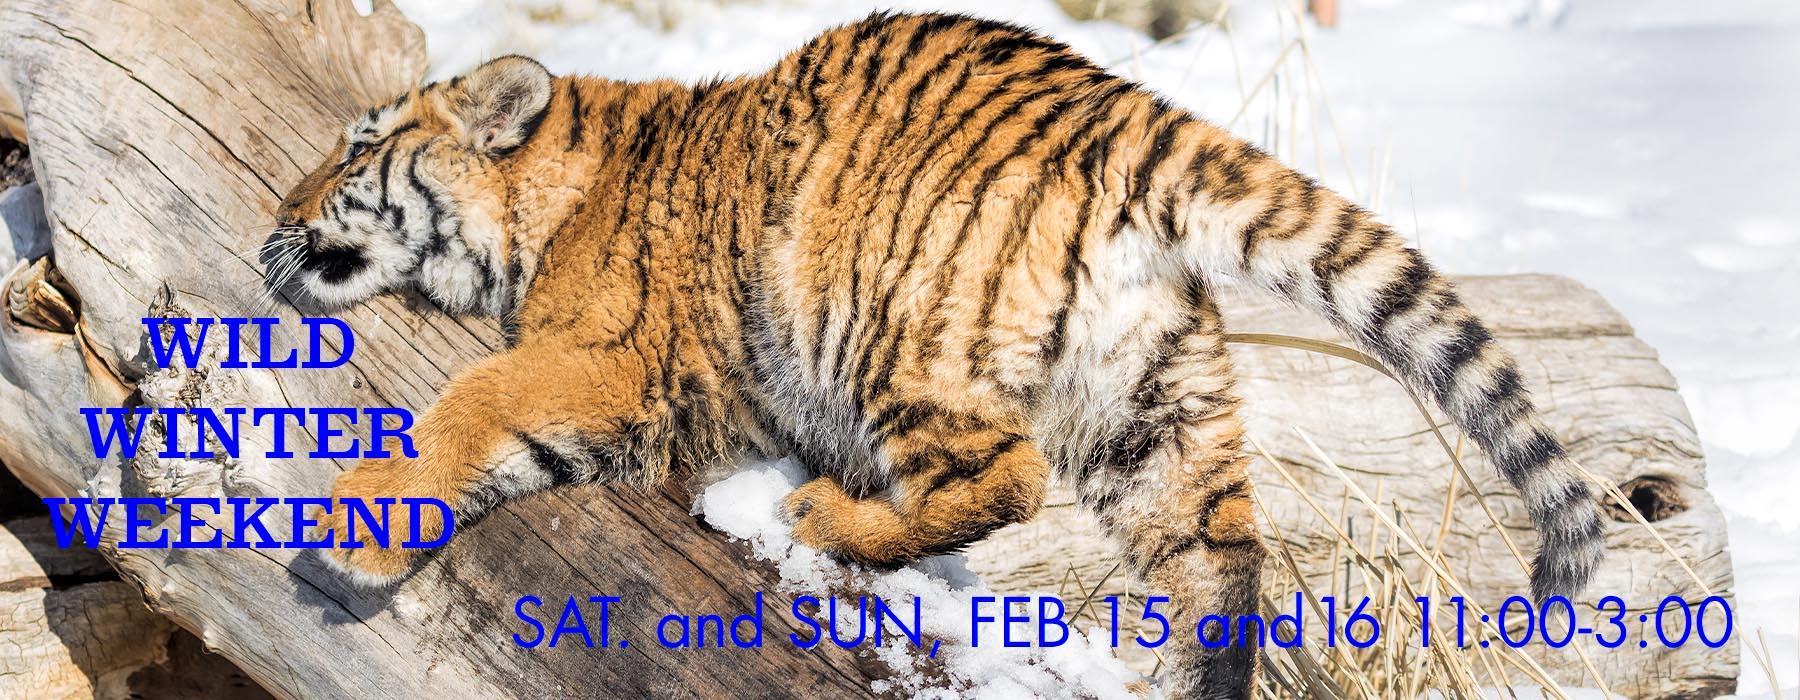 Wild Winter Weekend February